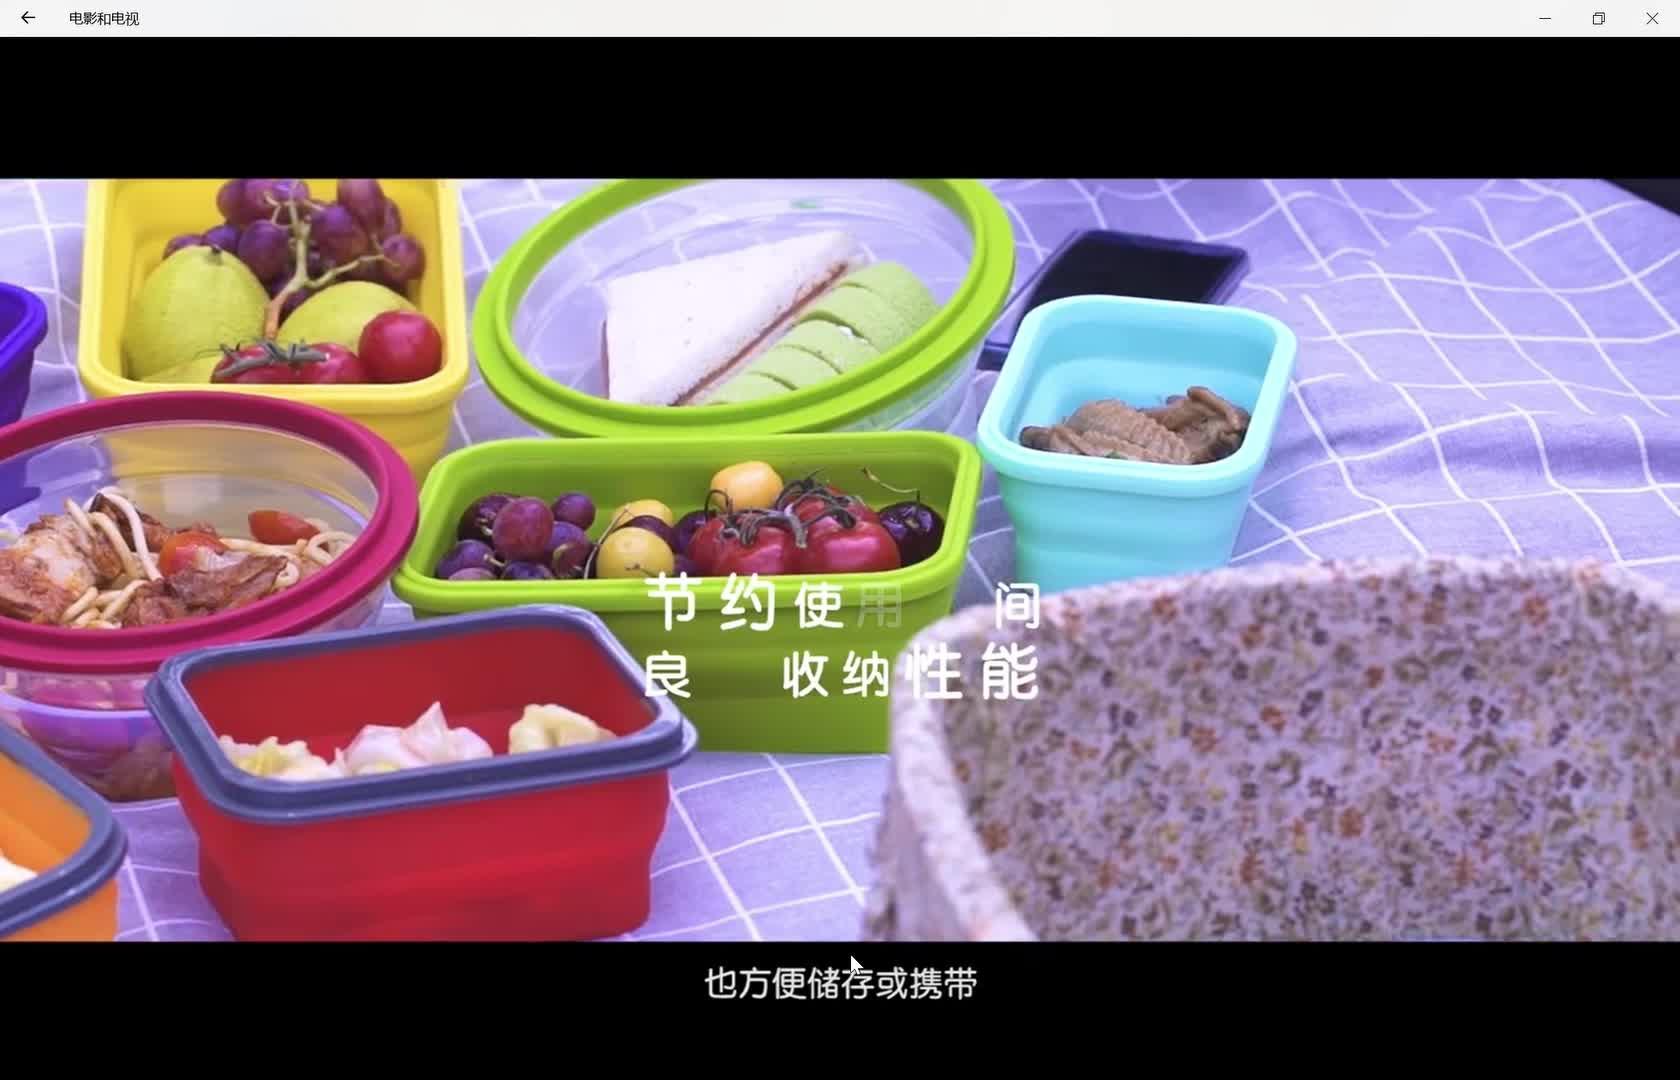 SANS BPA Mignon Éco Personnalisé Compartiment Isolé Tiffin Enfants Bébé L'école Bento Silicone Ensemble de Récipient de Nourriture de Boîte à Lunch pour Les Enfants